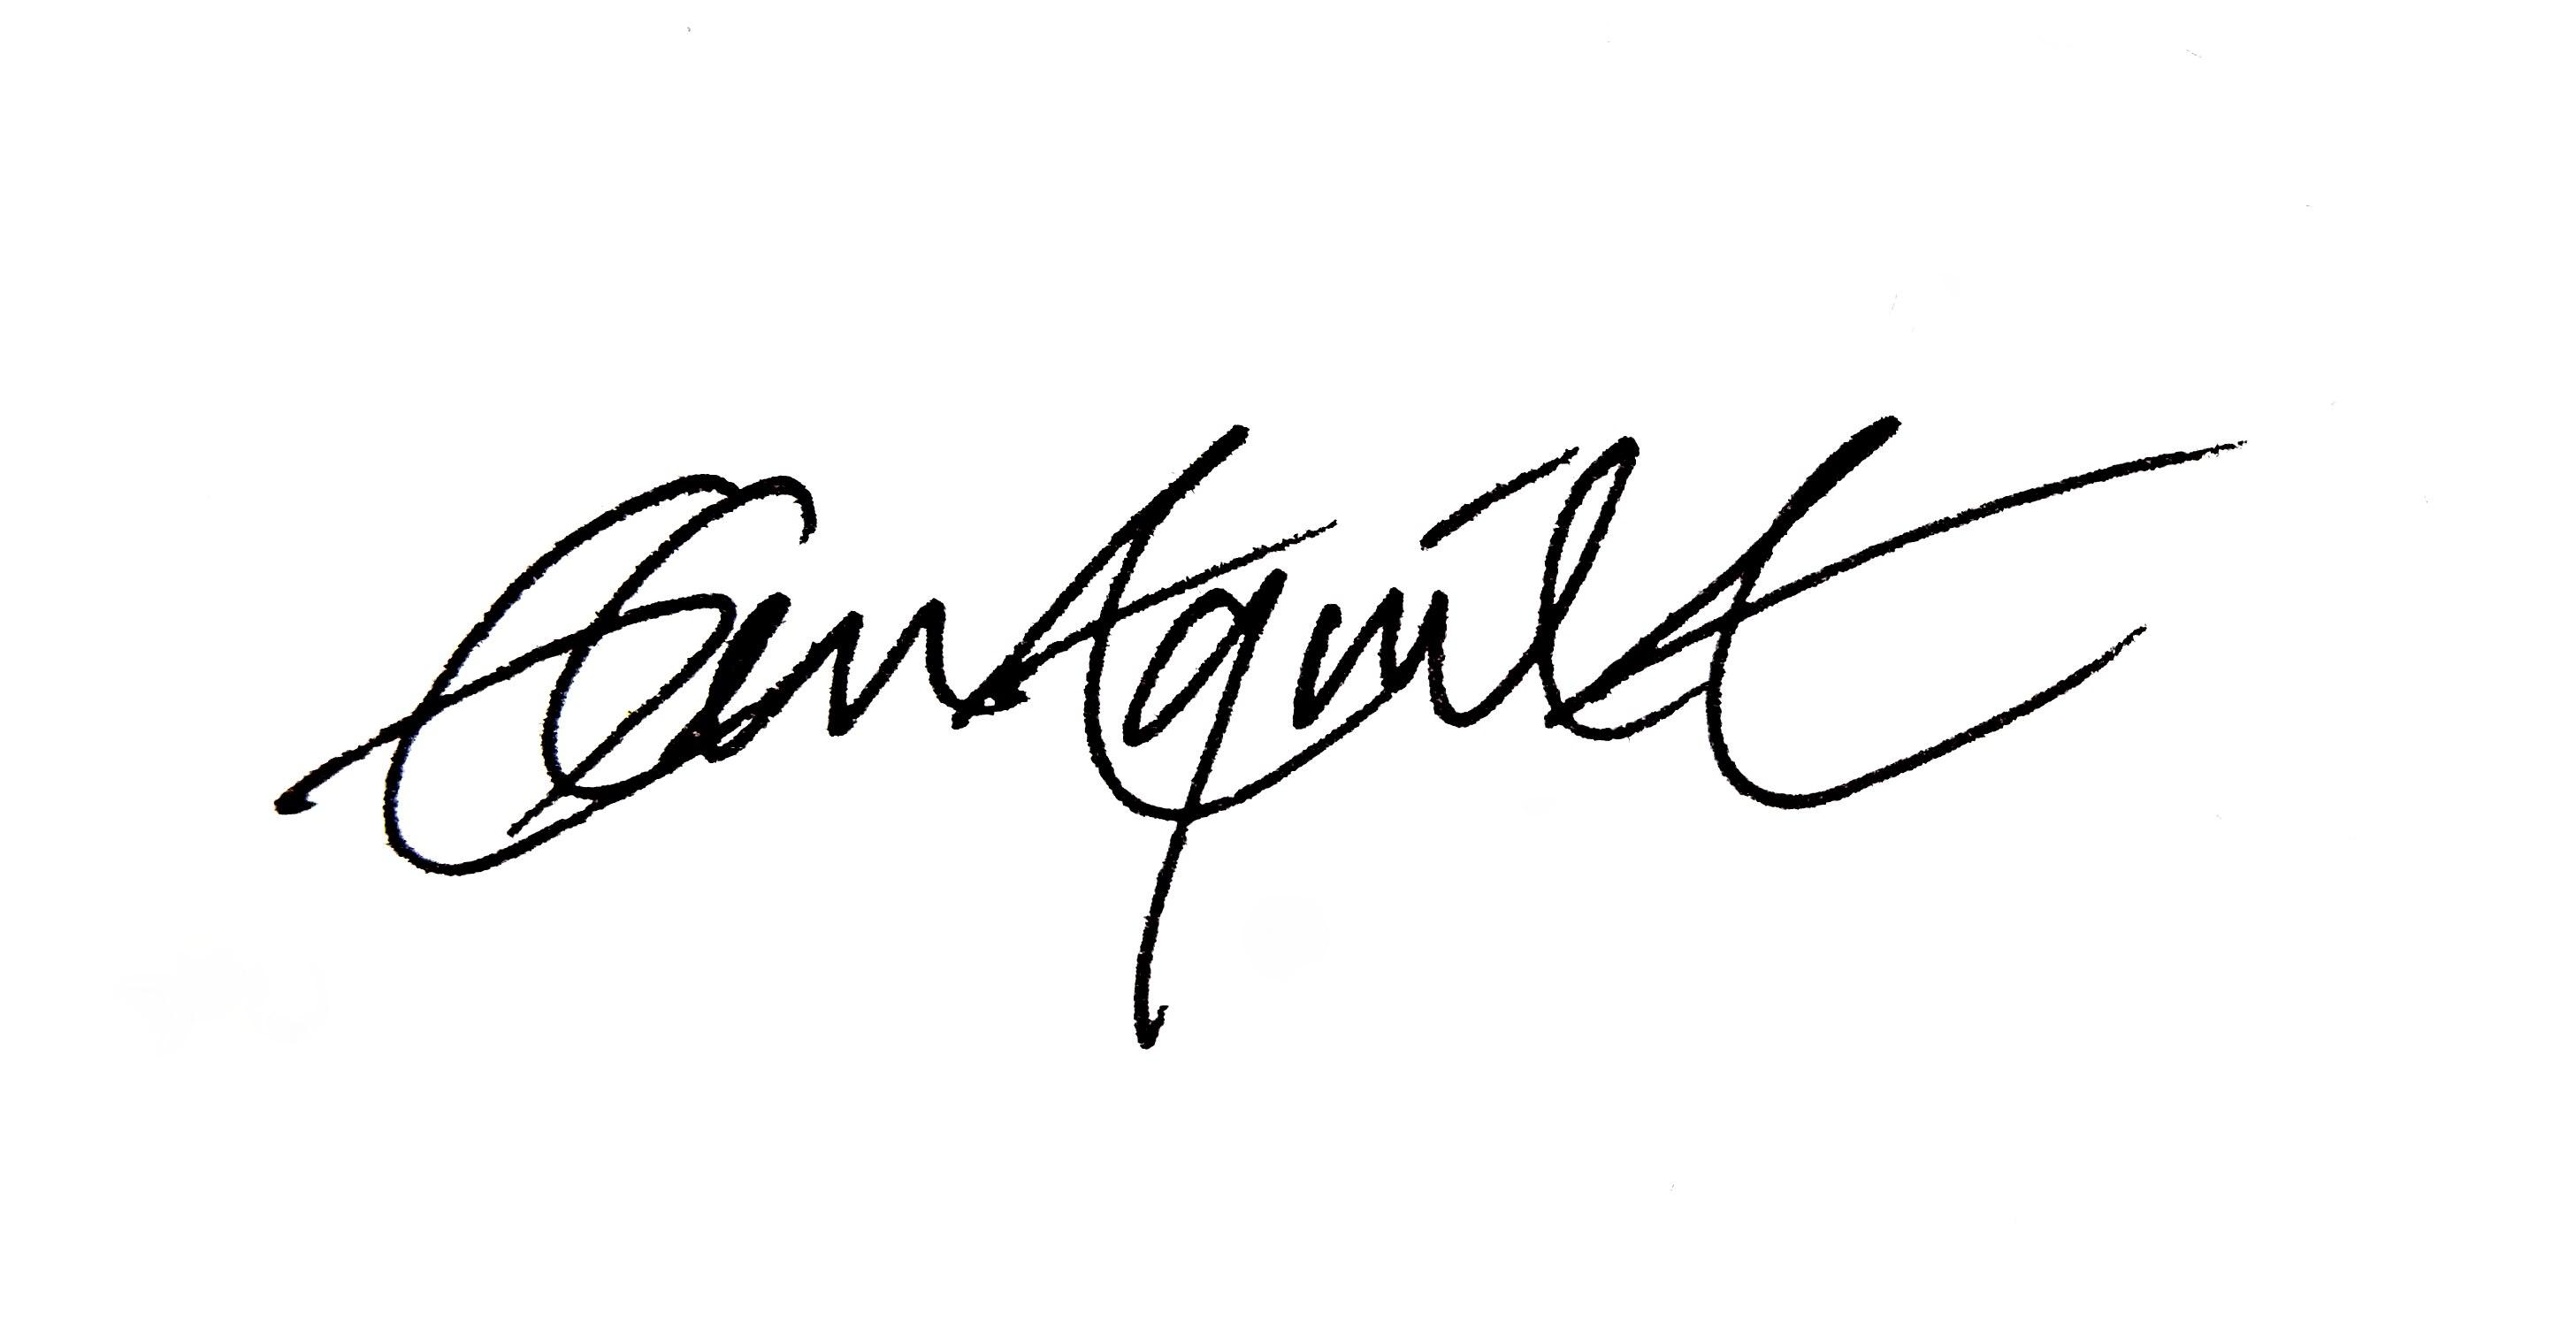 Eben aquila's Signature